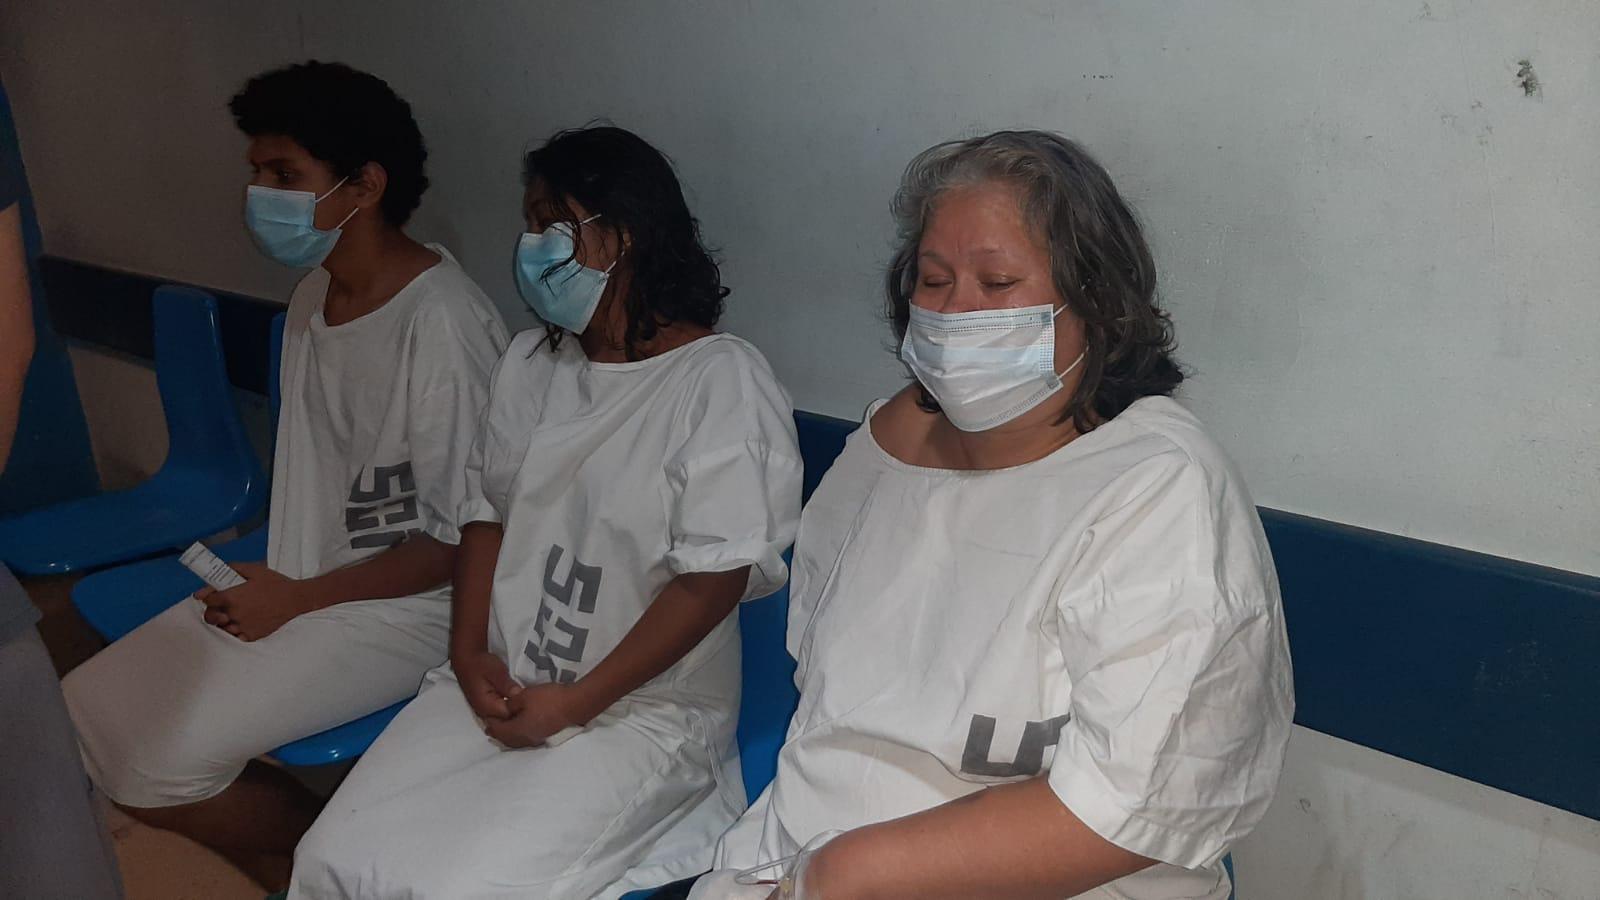 Fracturados en accidentes de tránsito beneficiados con jornada ortopédica Managua. Por Jaime Mejía/Radio La Primerísima